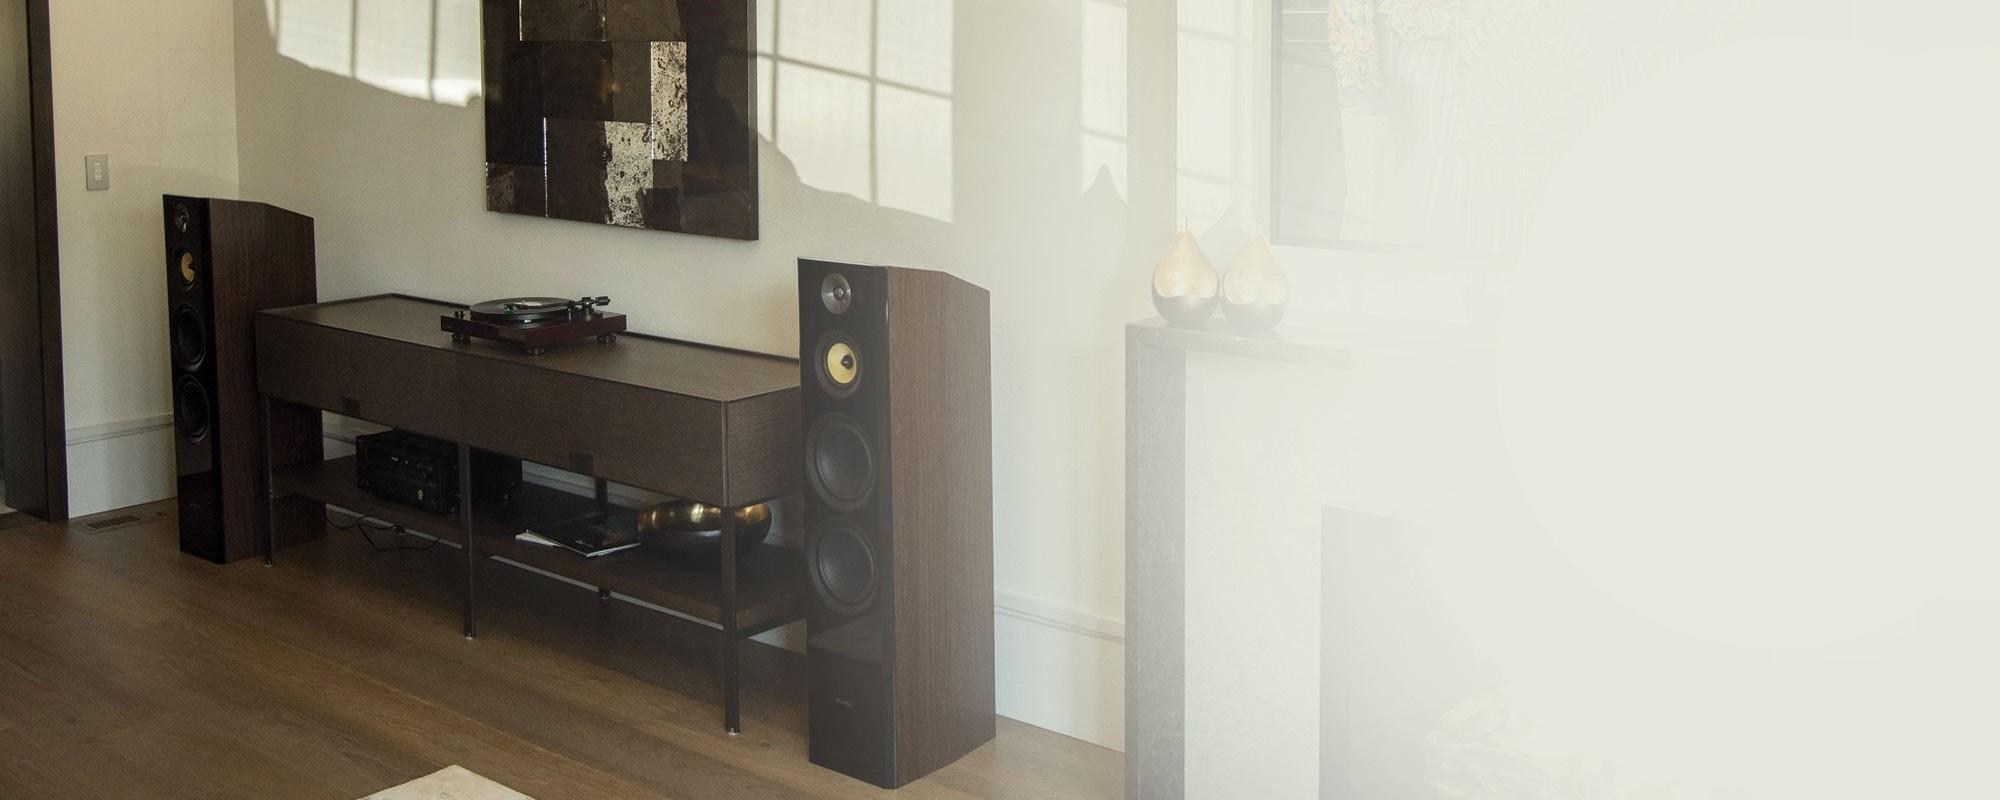 Signature Series Natural Walnut Hi-Fi Three-way Floorstanding Speakers - Lifestyle